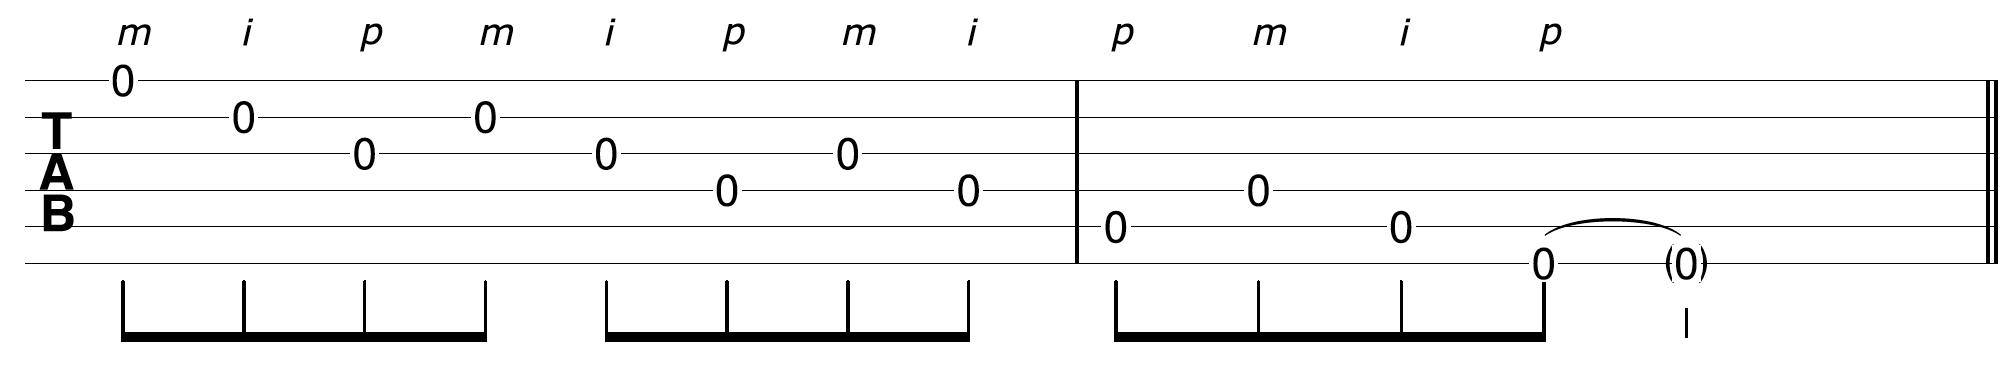 Open String Acoustic Solo Pattern - Backward Banjo Roll 6 Strings